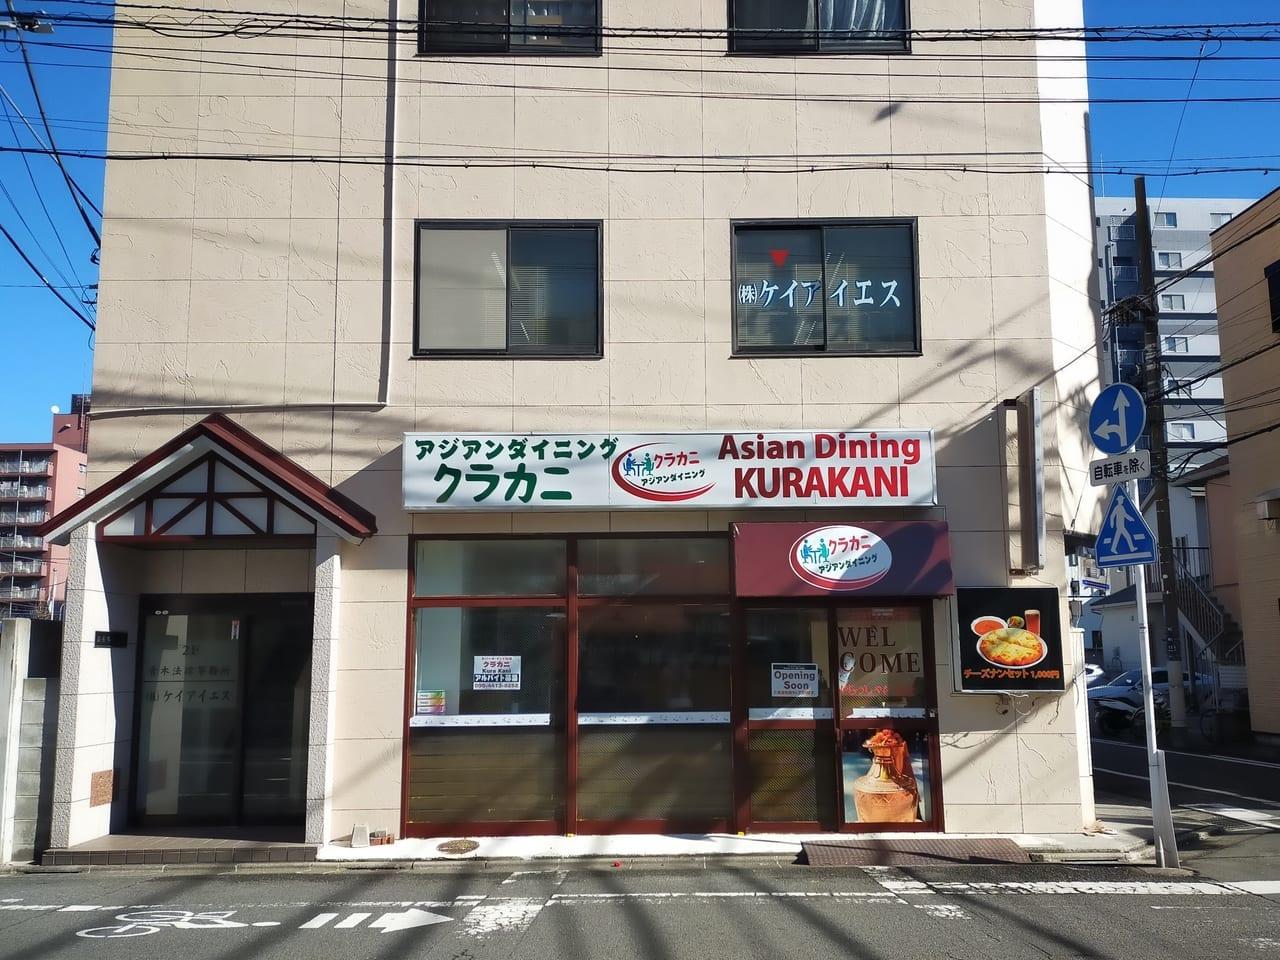 ネパール・インド料理店「クラカニ」が間もなくオープンするようです。